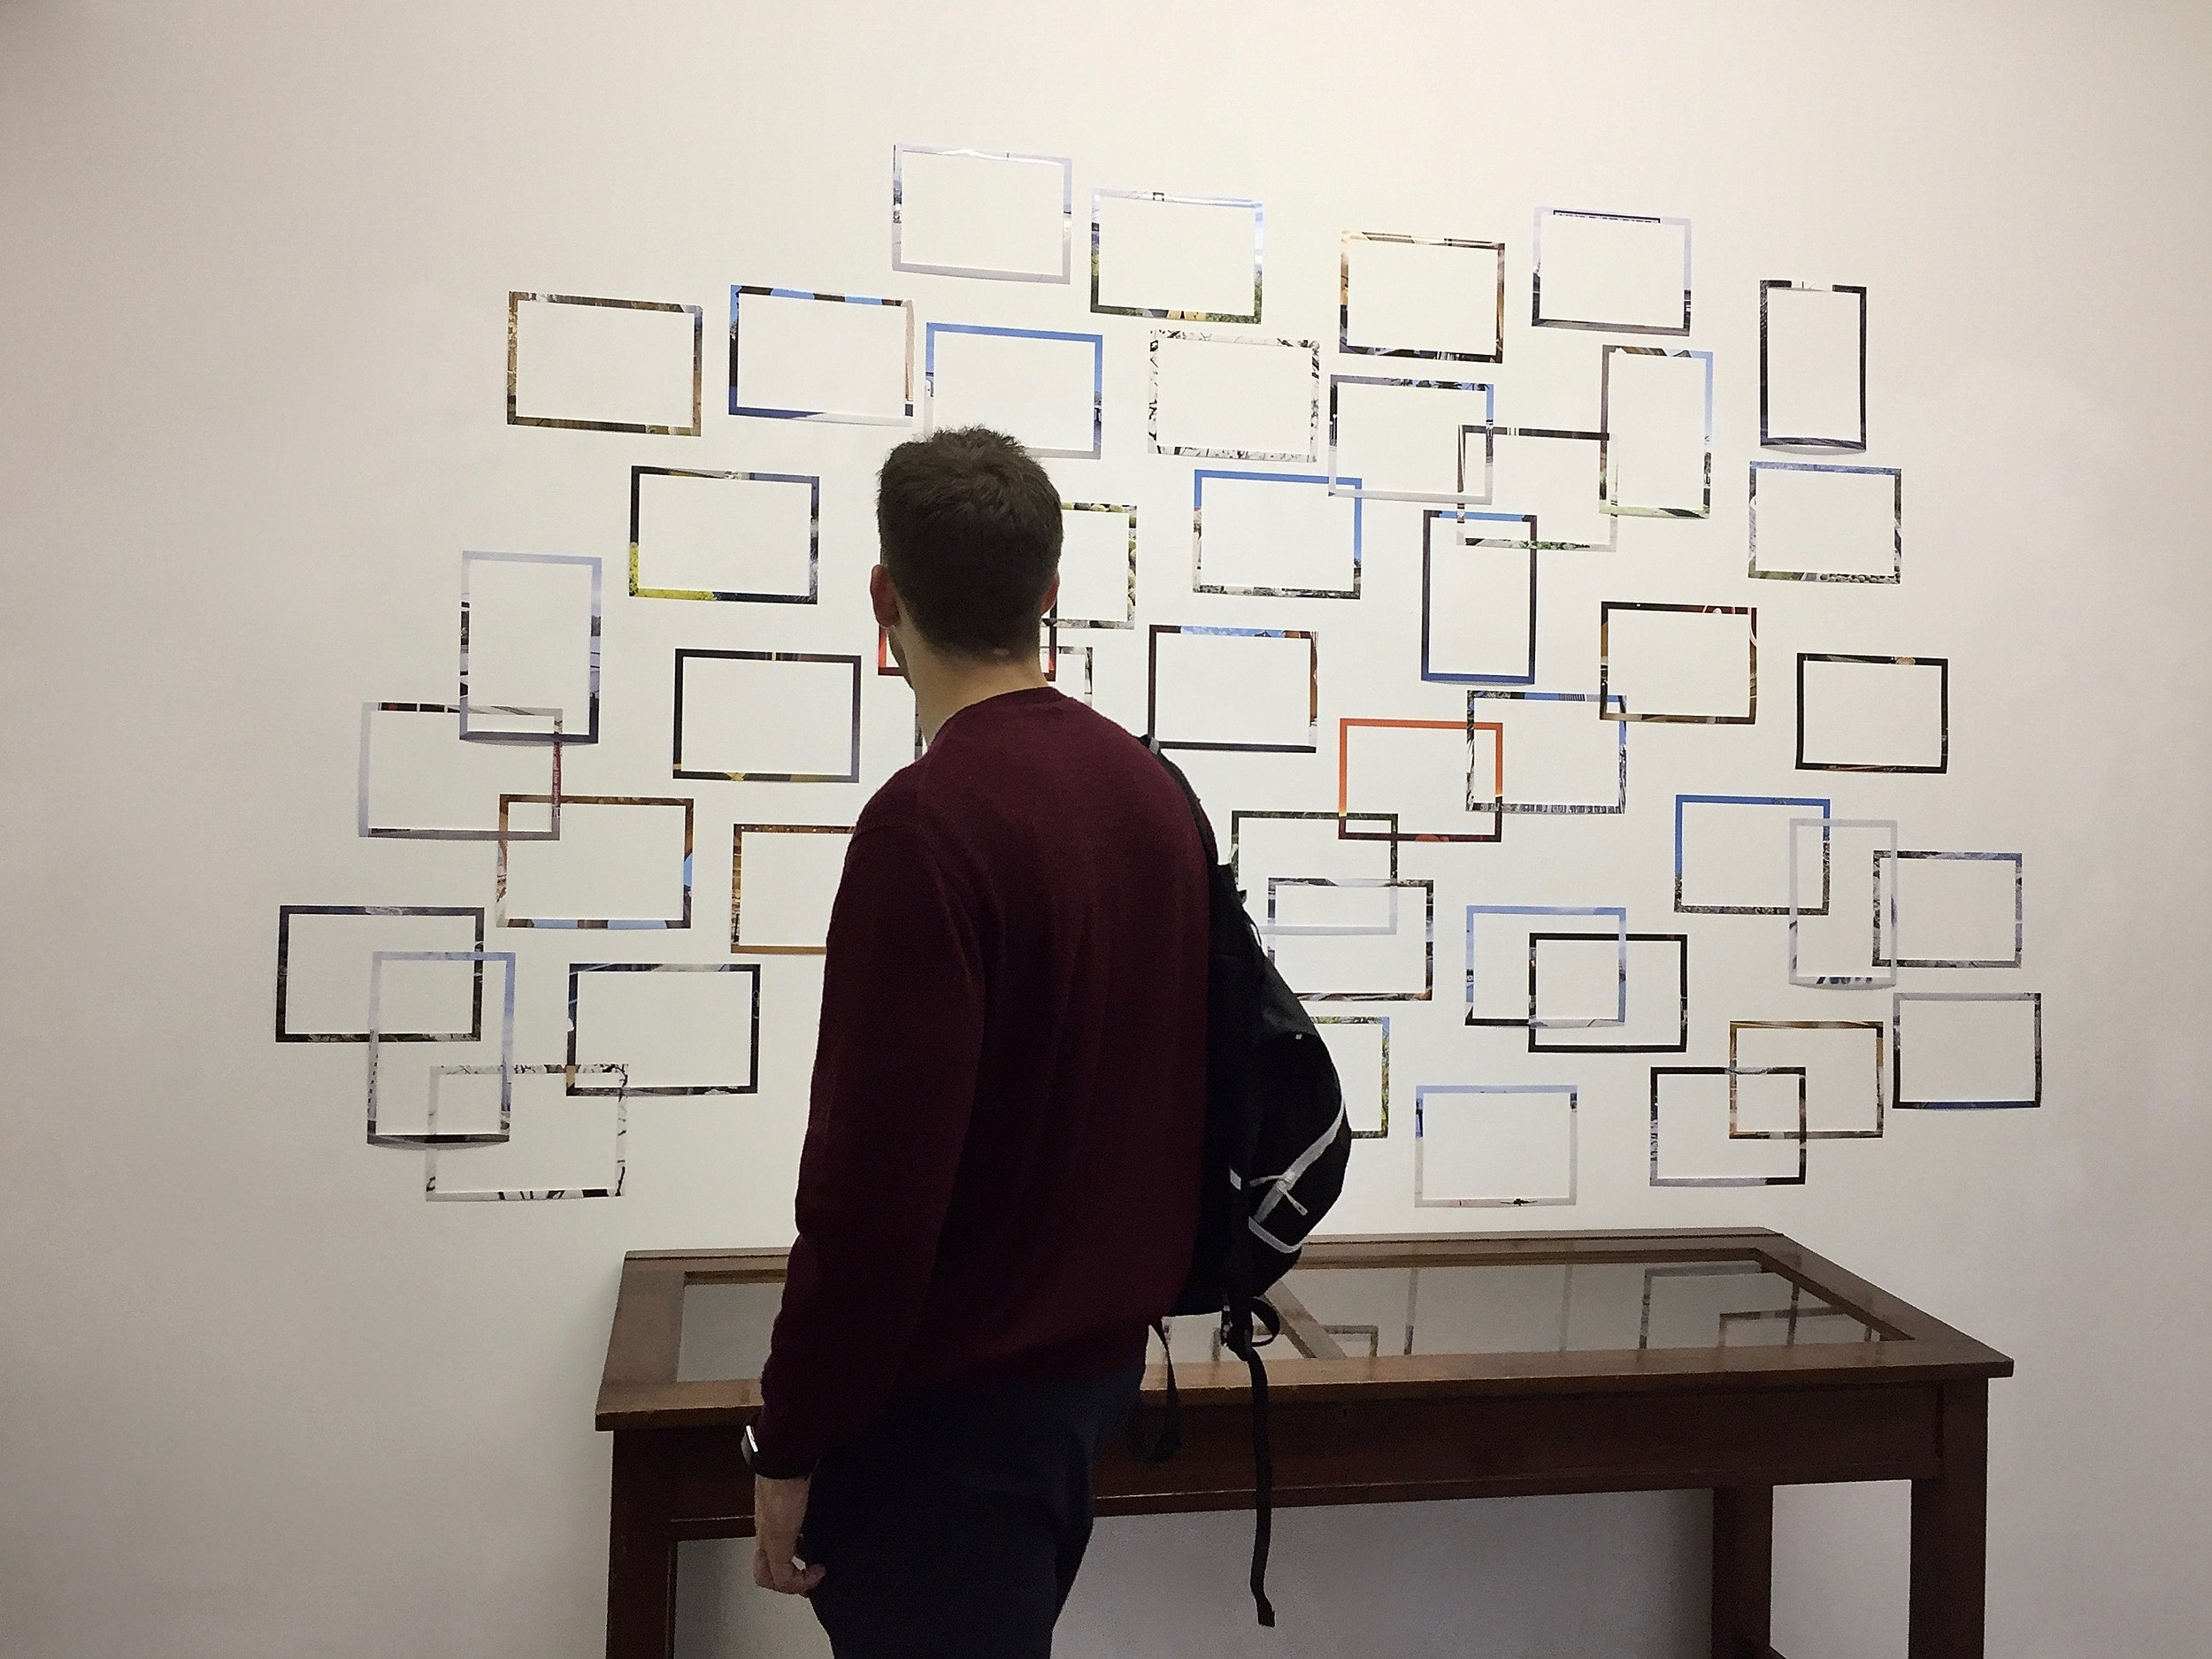 Roland Schefferski, Lost Pictures, 2018